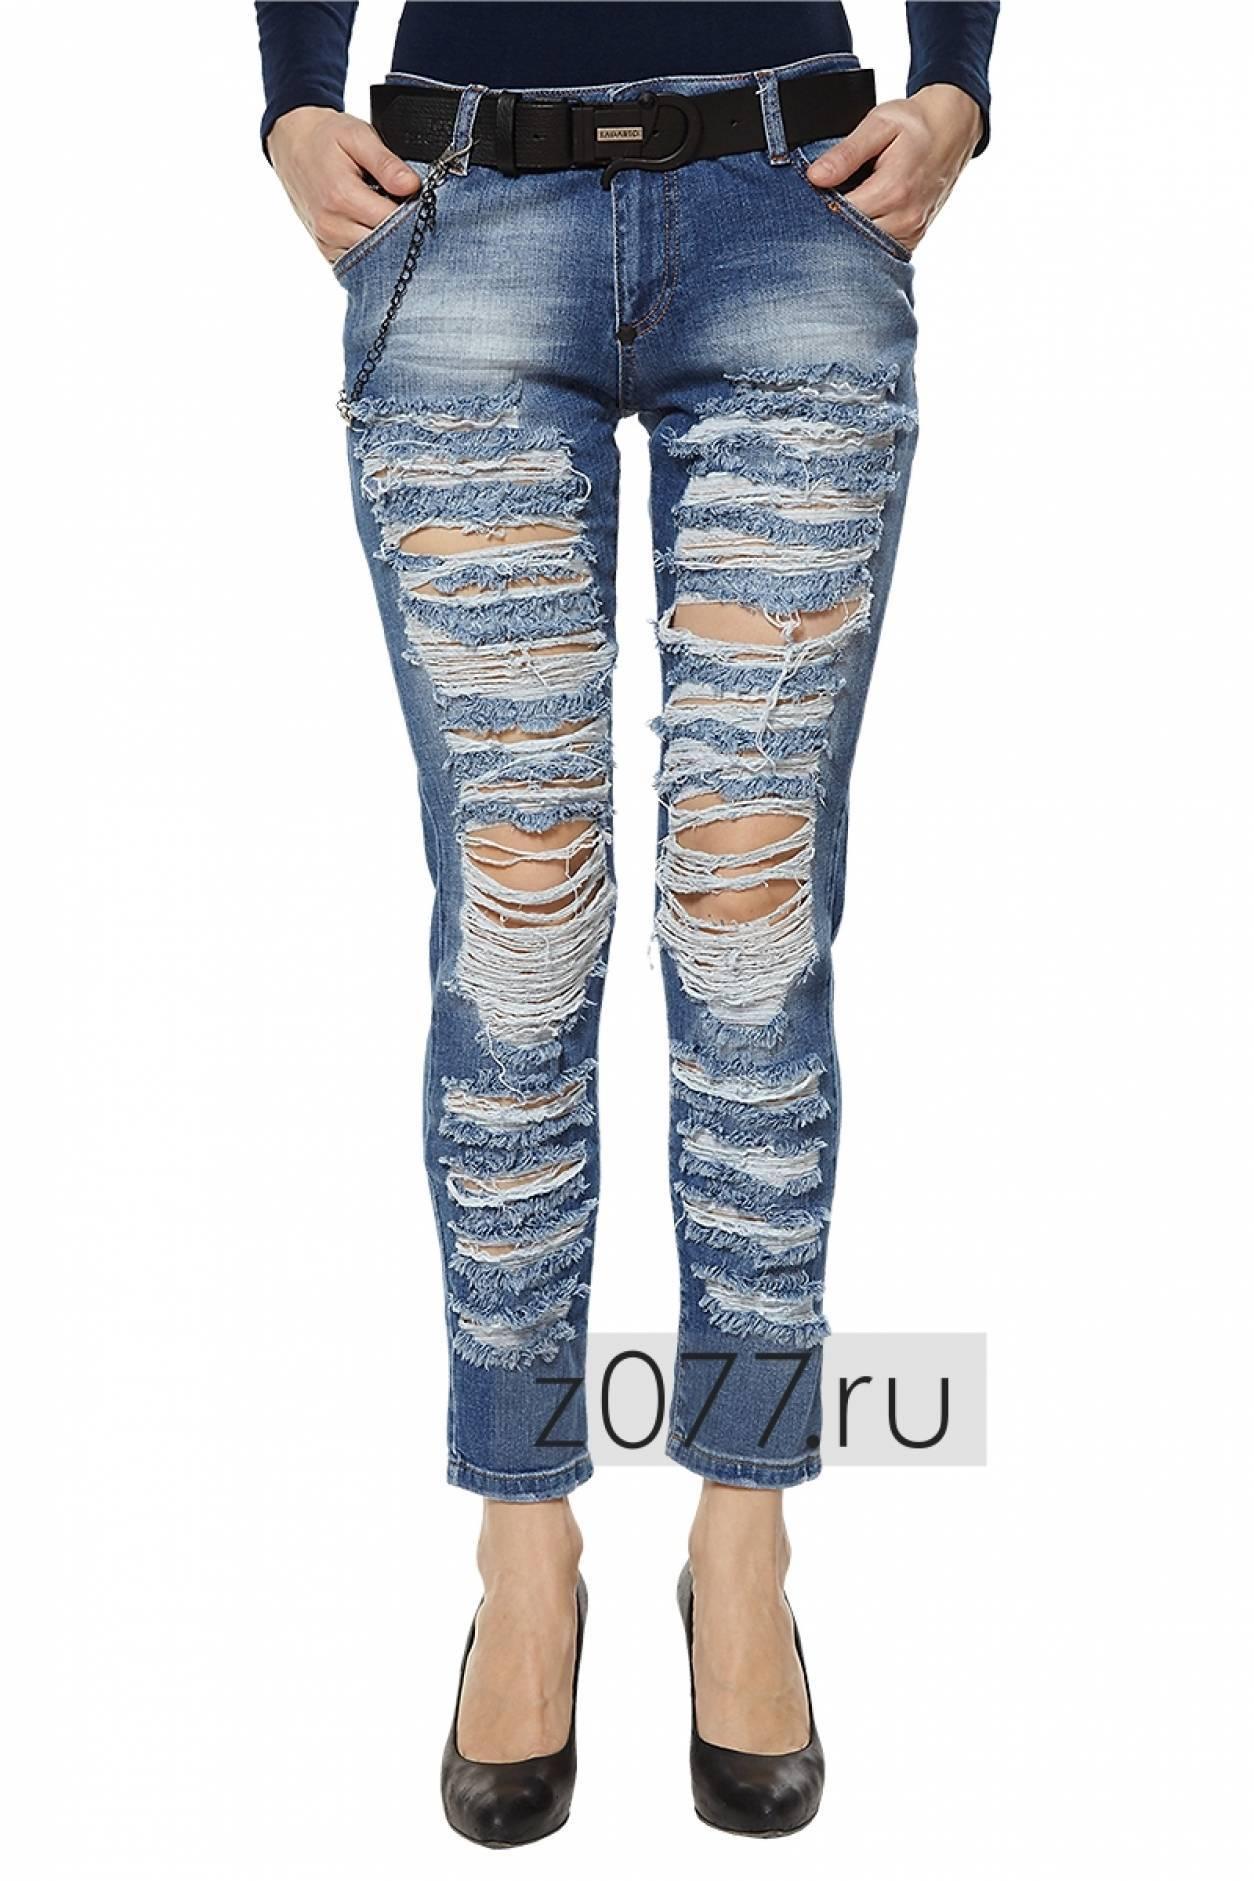 Купить джинсы женские с высокой посадкой в Москве — интернет-магазин ... dfb580acb5b